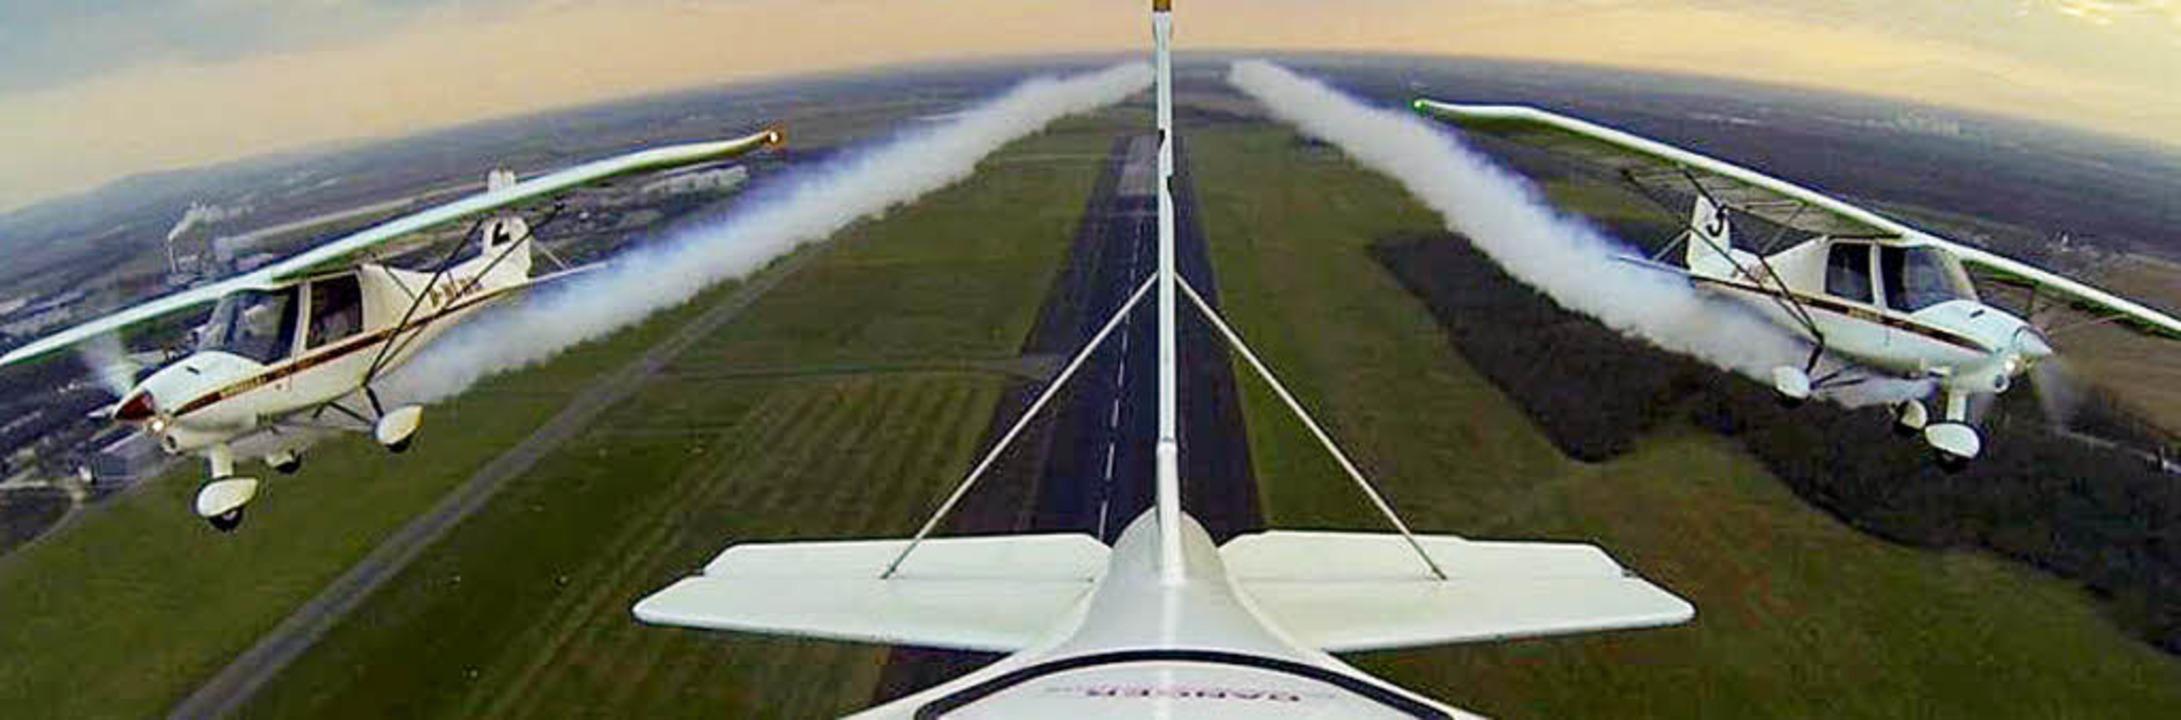 Die drei Ultraleichtflugzeuge des Typs...r  Hütten spektakuläre Manöver zeigen.  | Foto: privat